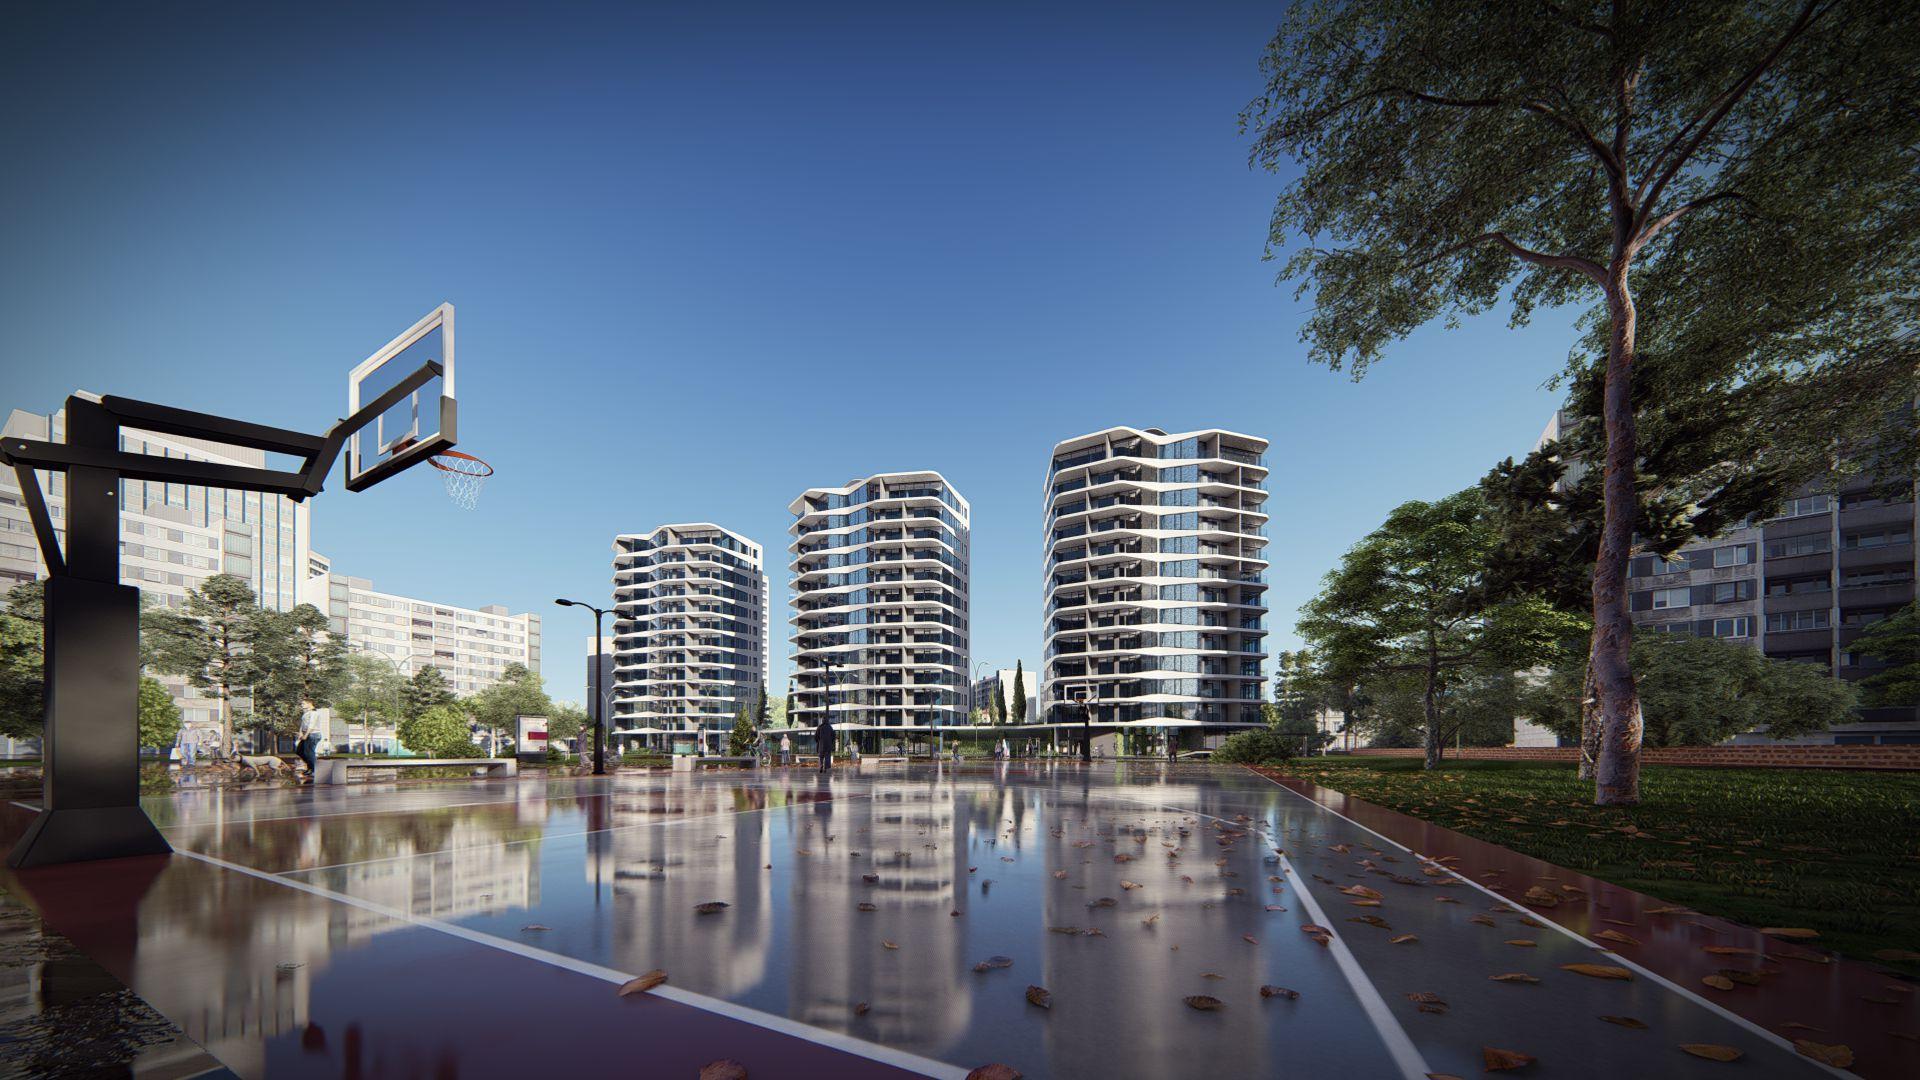 arhitektuurne 3d visualiseerimine skyline vaade hoonele 1